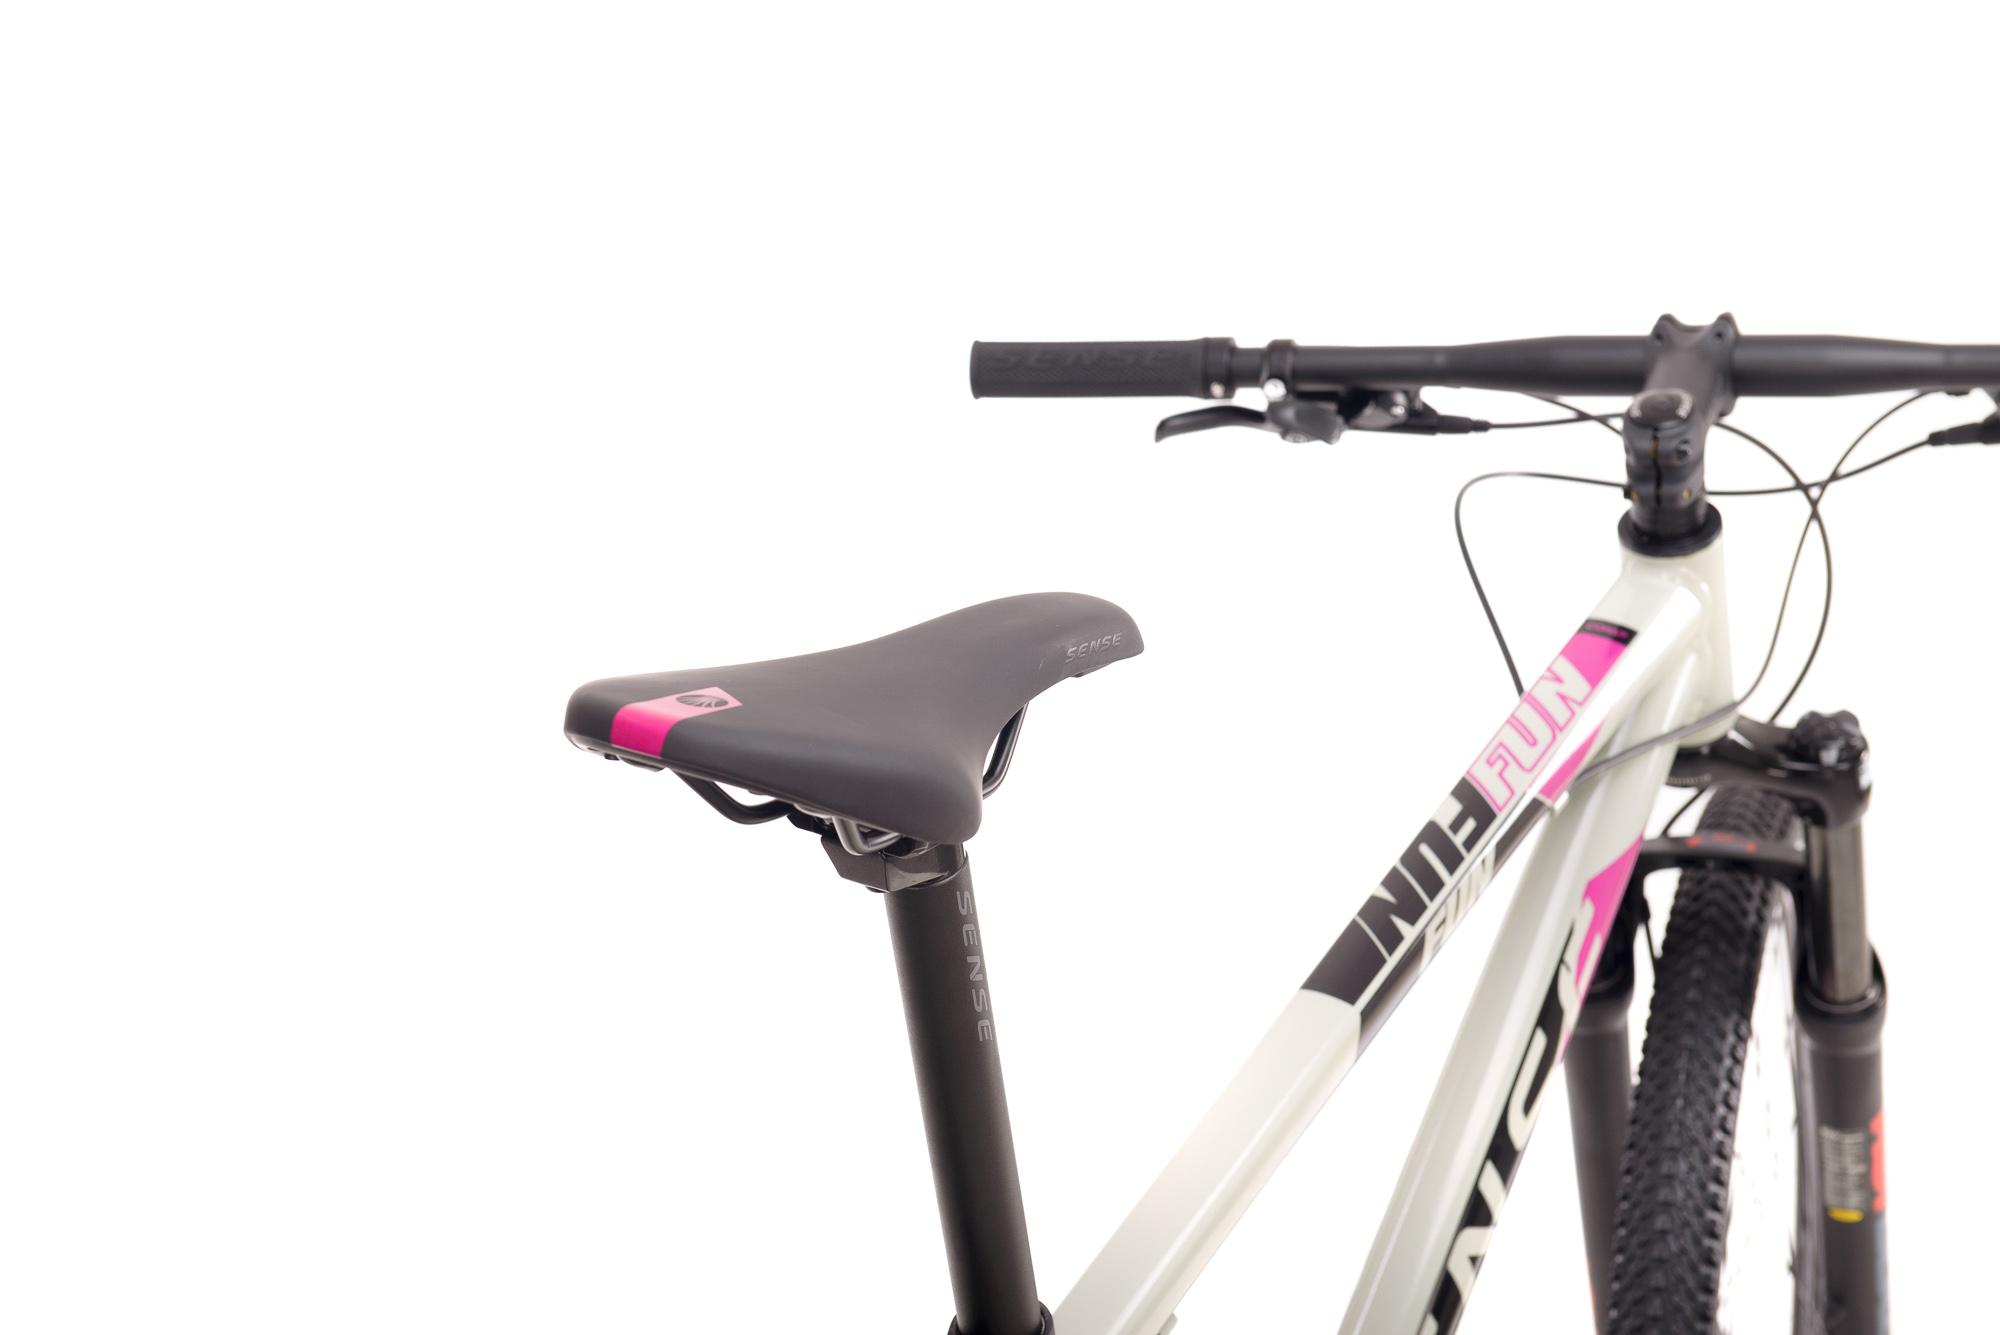 Bicicleta Sense Fun Comp Cinza/Roxo TAM S